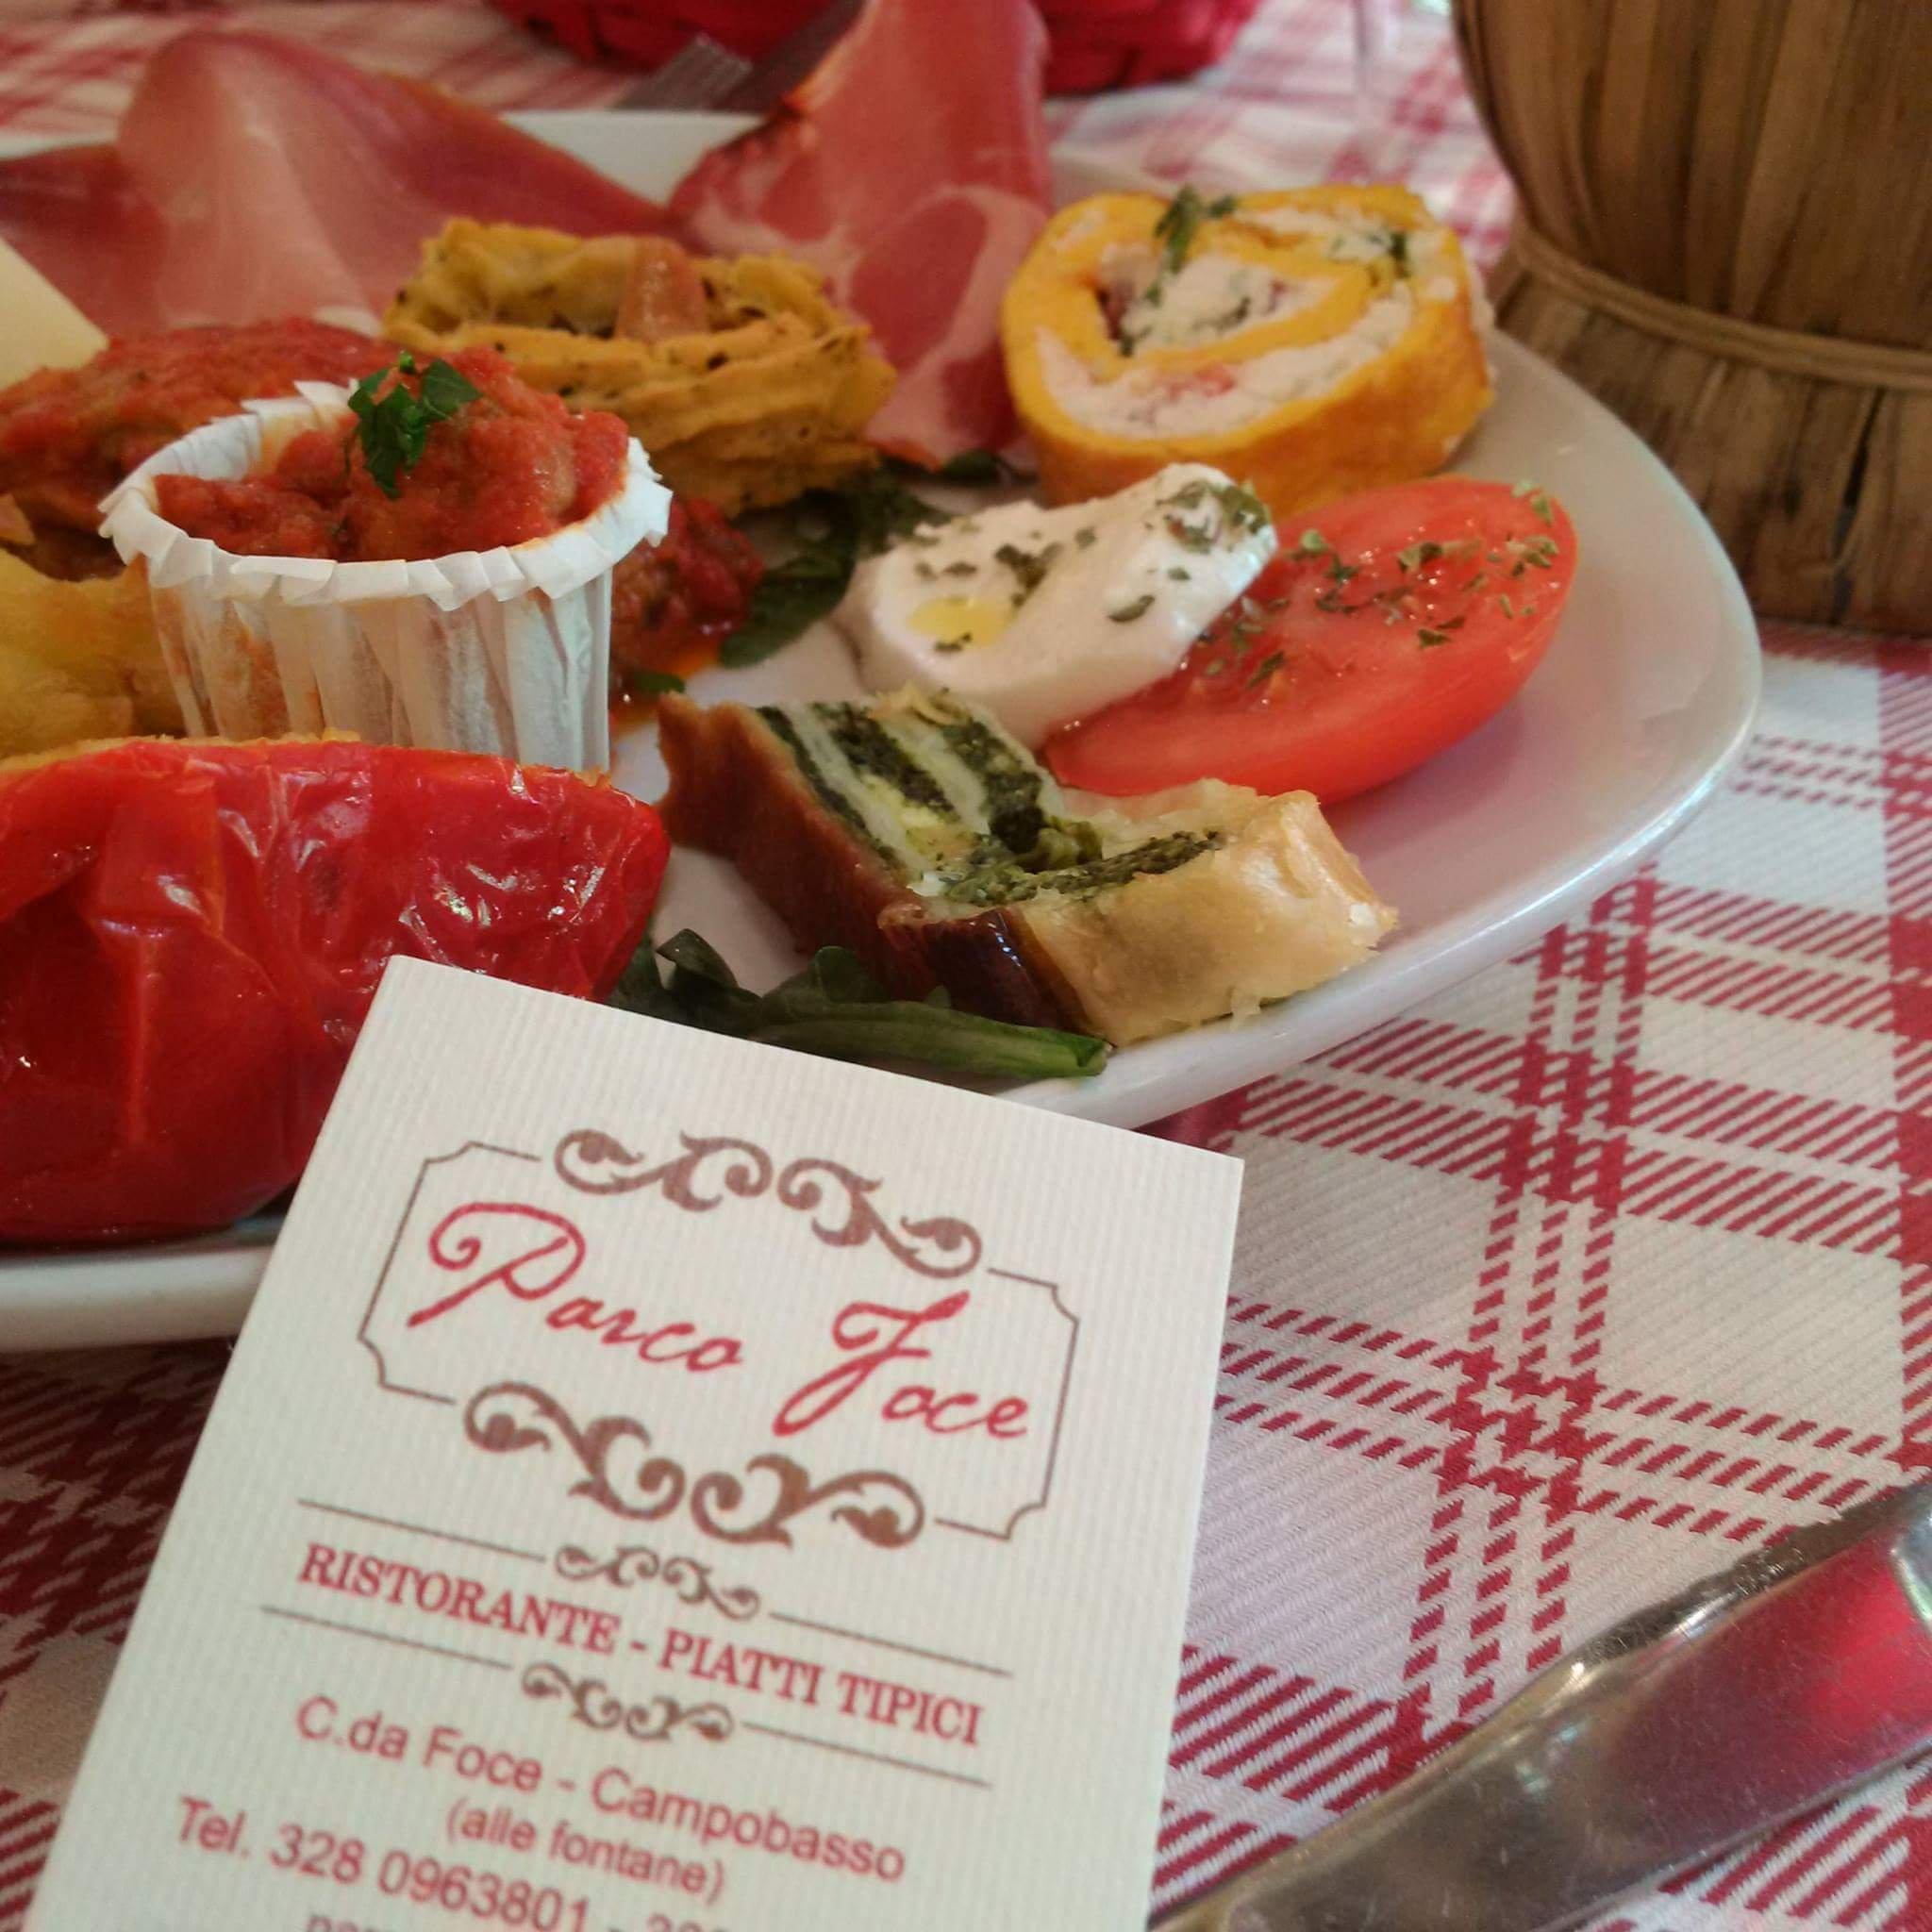 Parco Foce ristorante piatti tipici